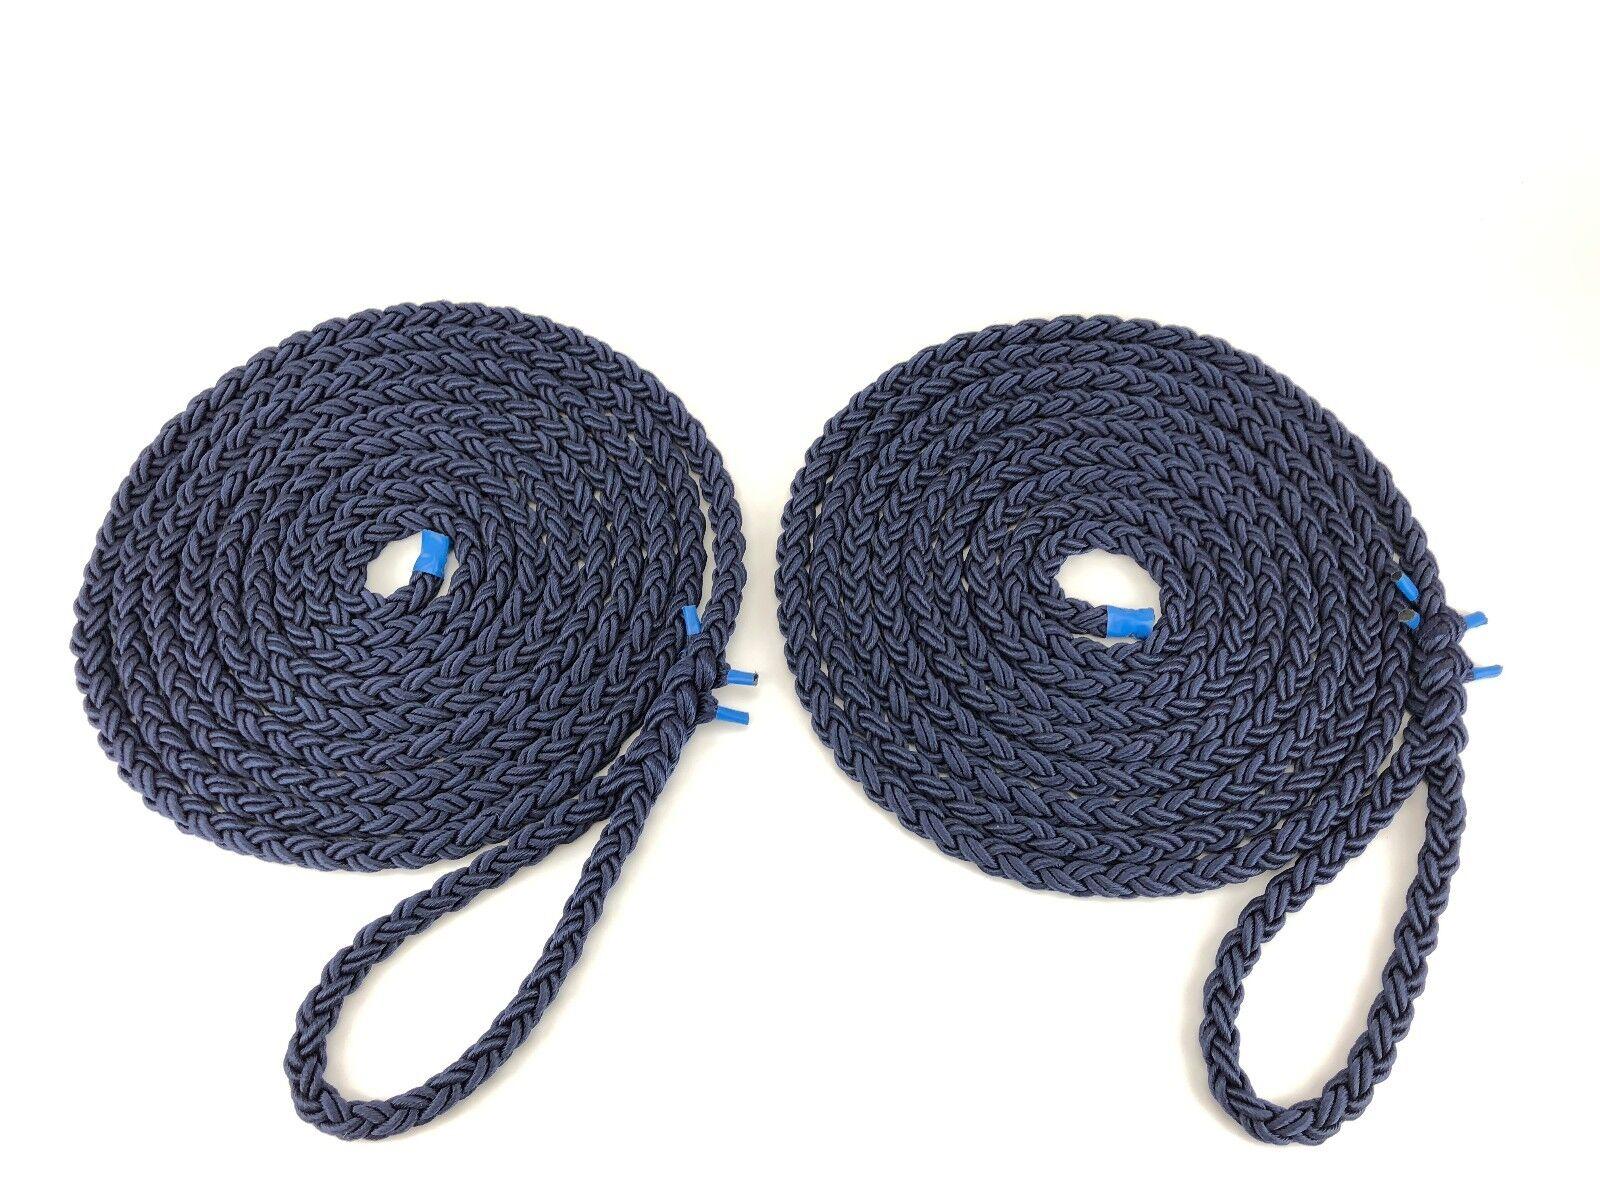 2 x 10 Meter von 12mm marineblau 8 Strang Nylon BEFESTIGUNGSLEINE Leitungen